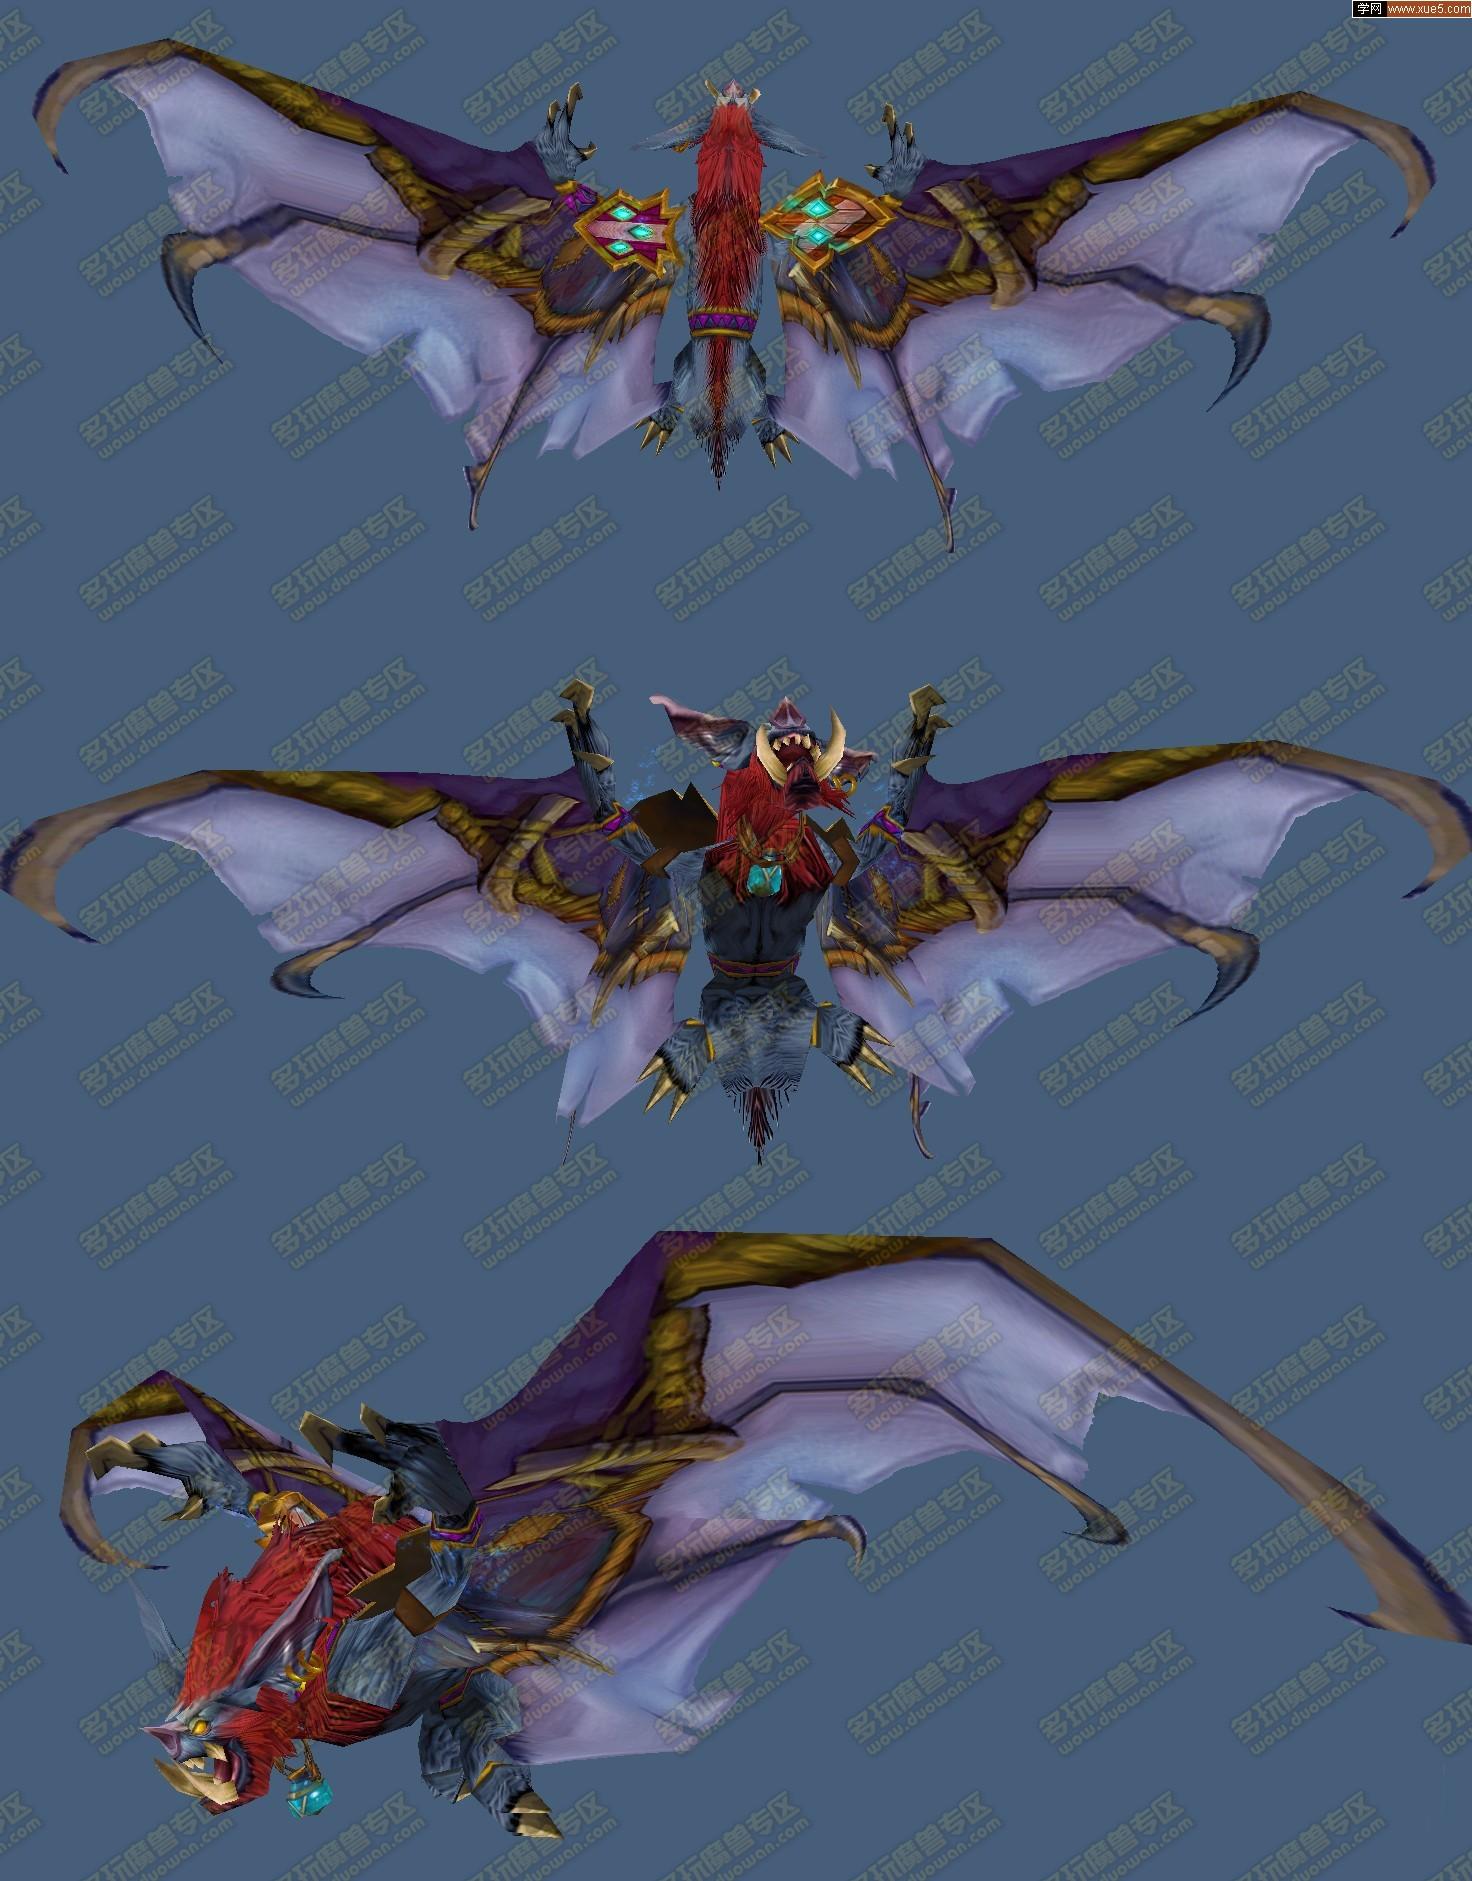 魔兽世界德鲁伊的飞行形态